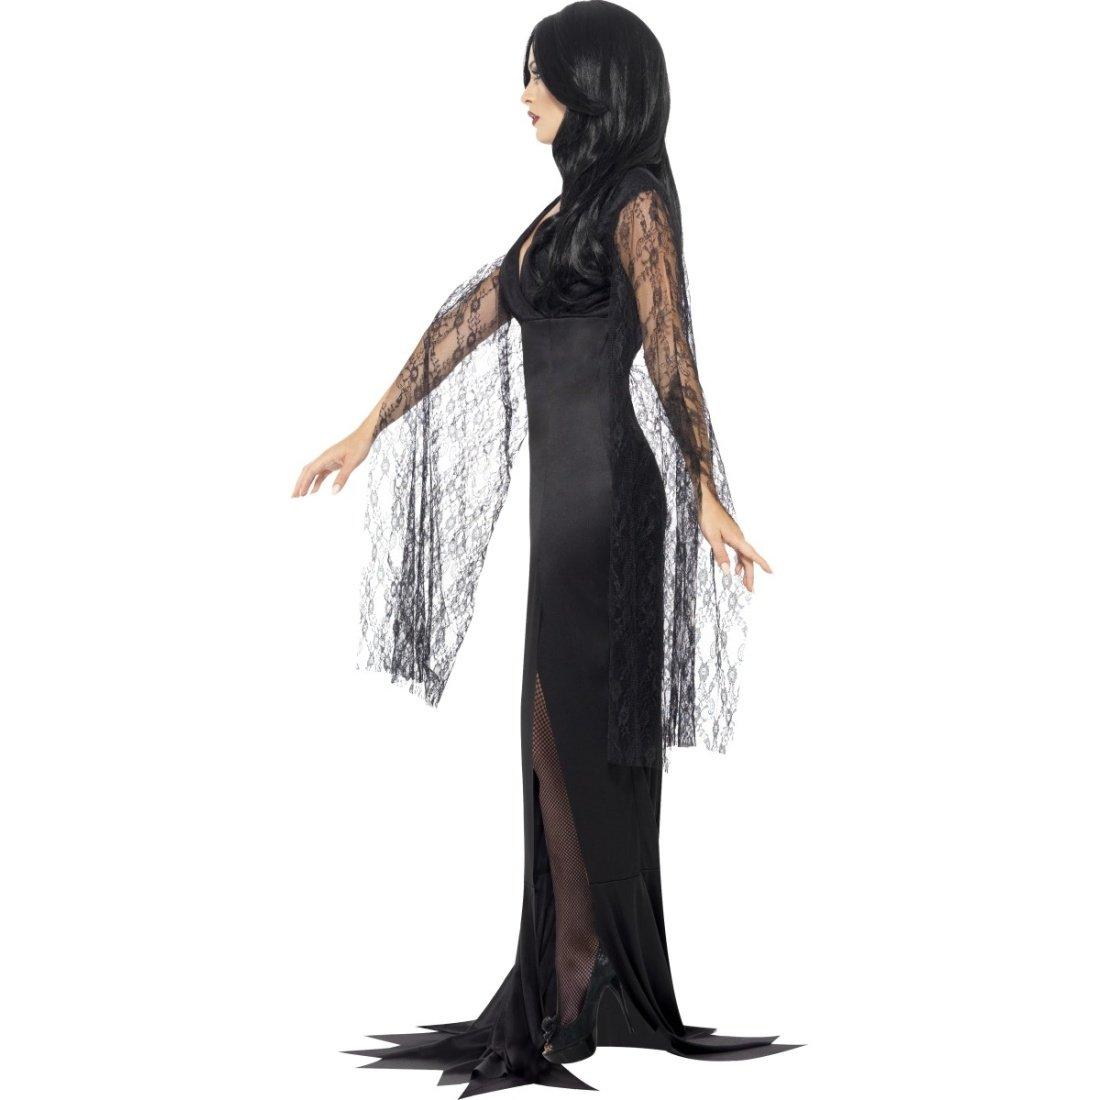 NET TOYS Disfraz Viuda Negra Traje Dark Lady S 36/38 Atuendo Reina gótica Outfit ángel Oscuro Ropa Halloween vampiresa Disfraz Bruja: Amazon.es: Juguetes y ...